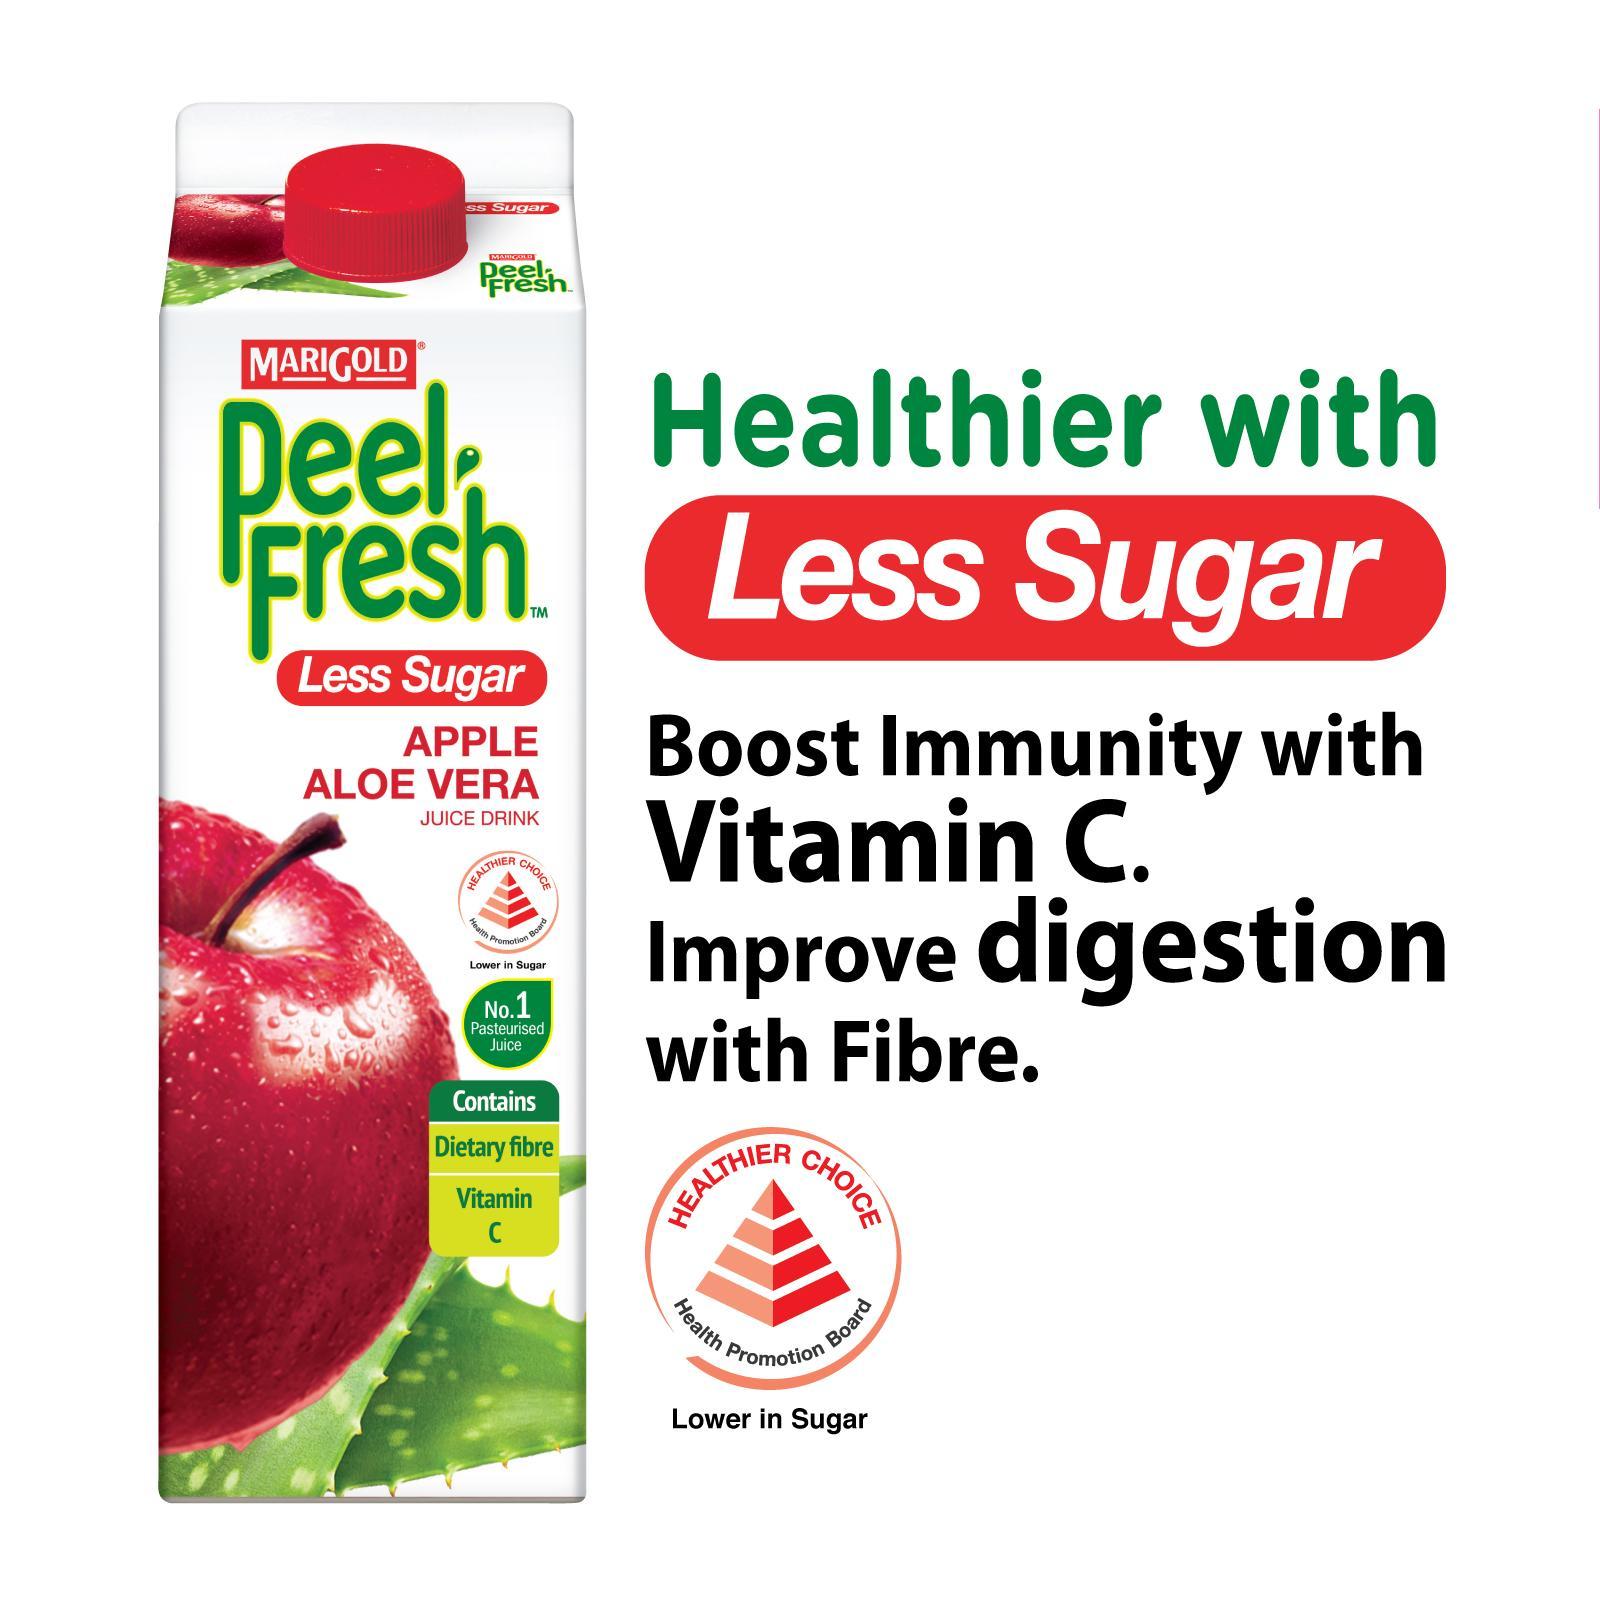 MARIGOLD Peel Fresh Less Sugar Juice Drink - Apple Aloe Vera 1L